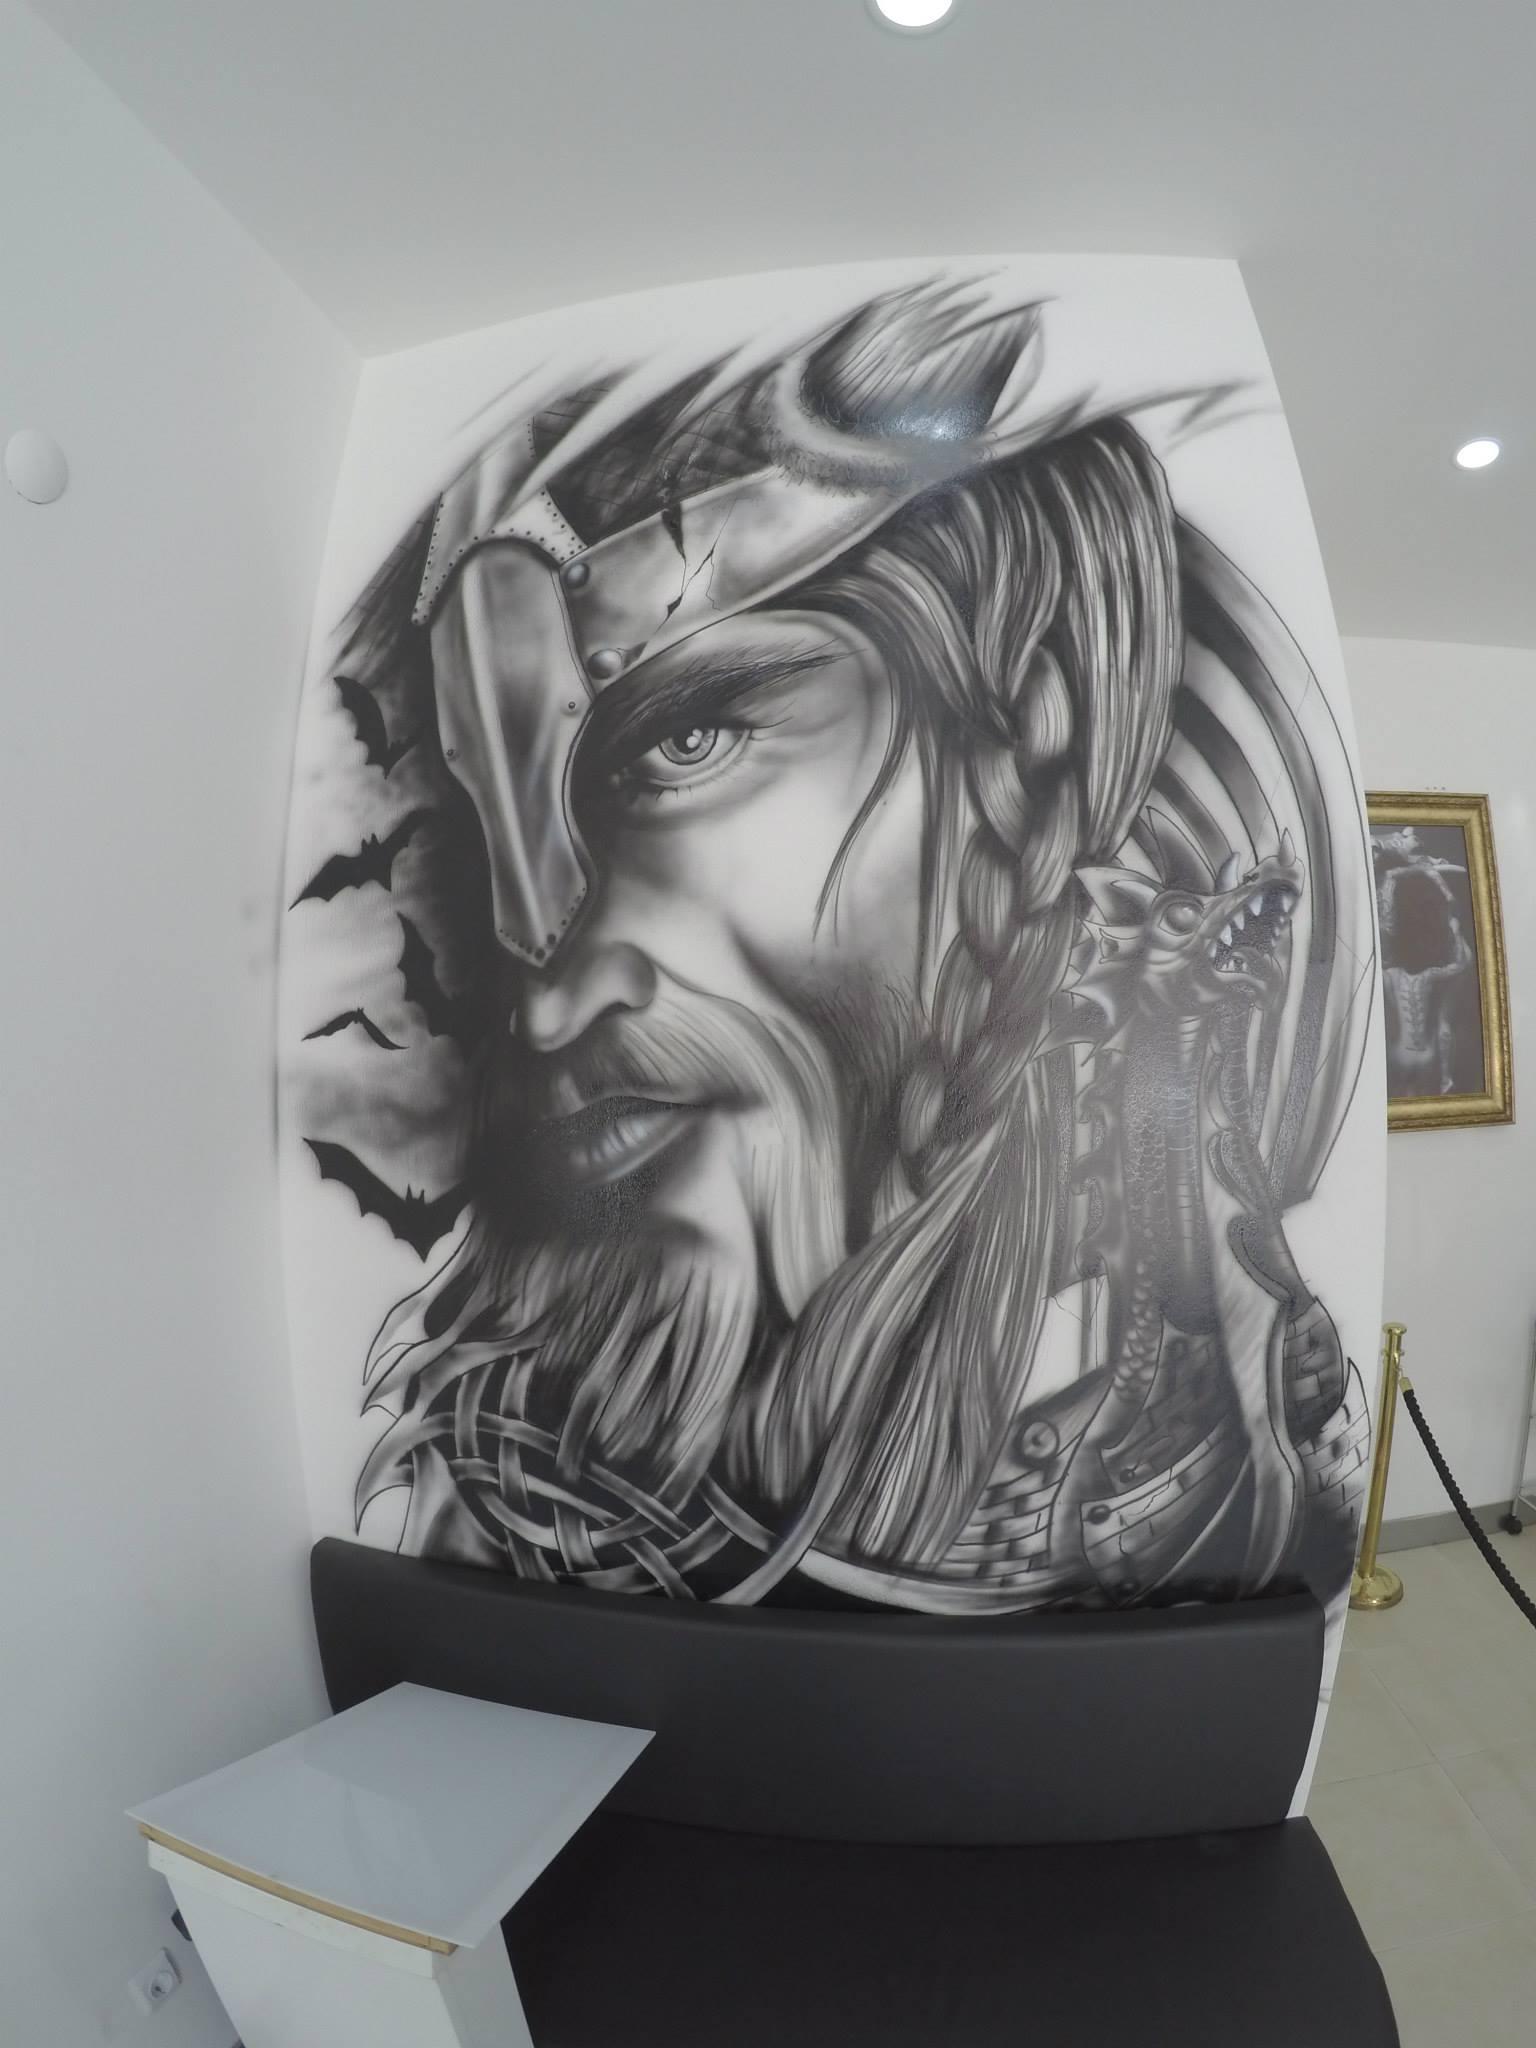 Drawn viking airbrush AirBrush Portrait Antalya Royal Portrait